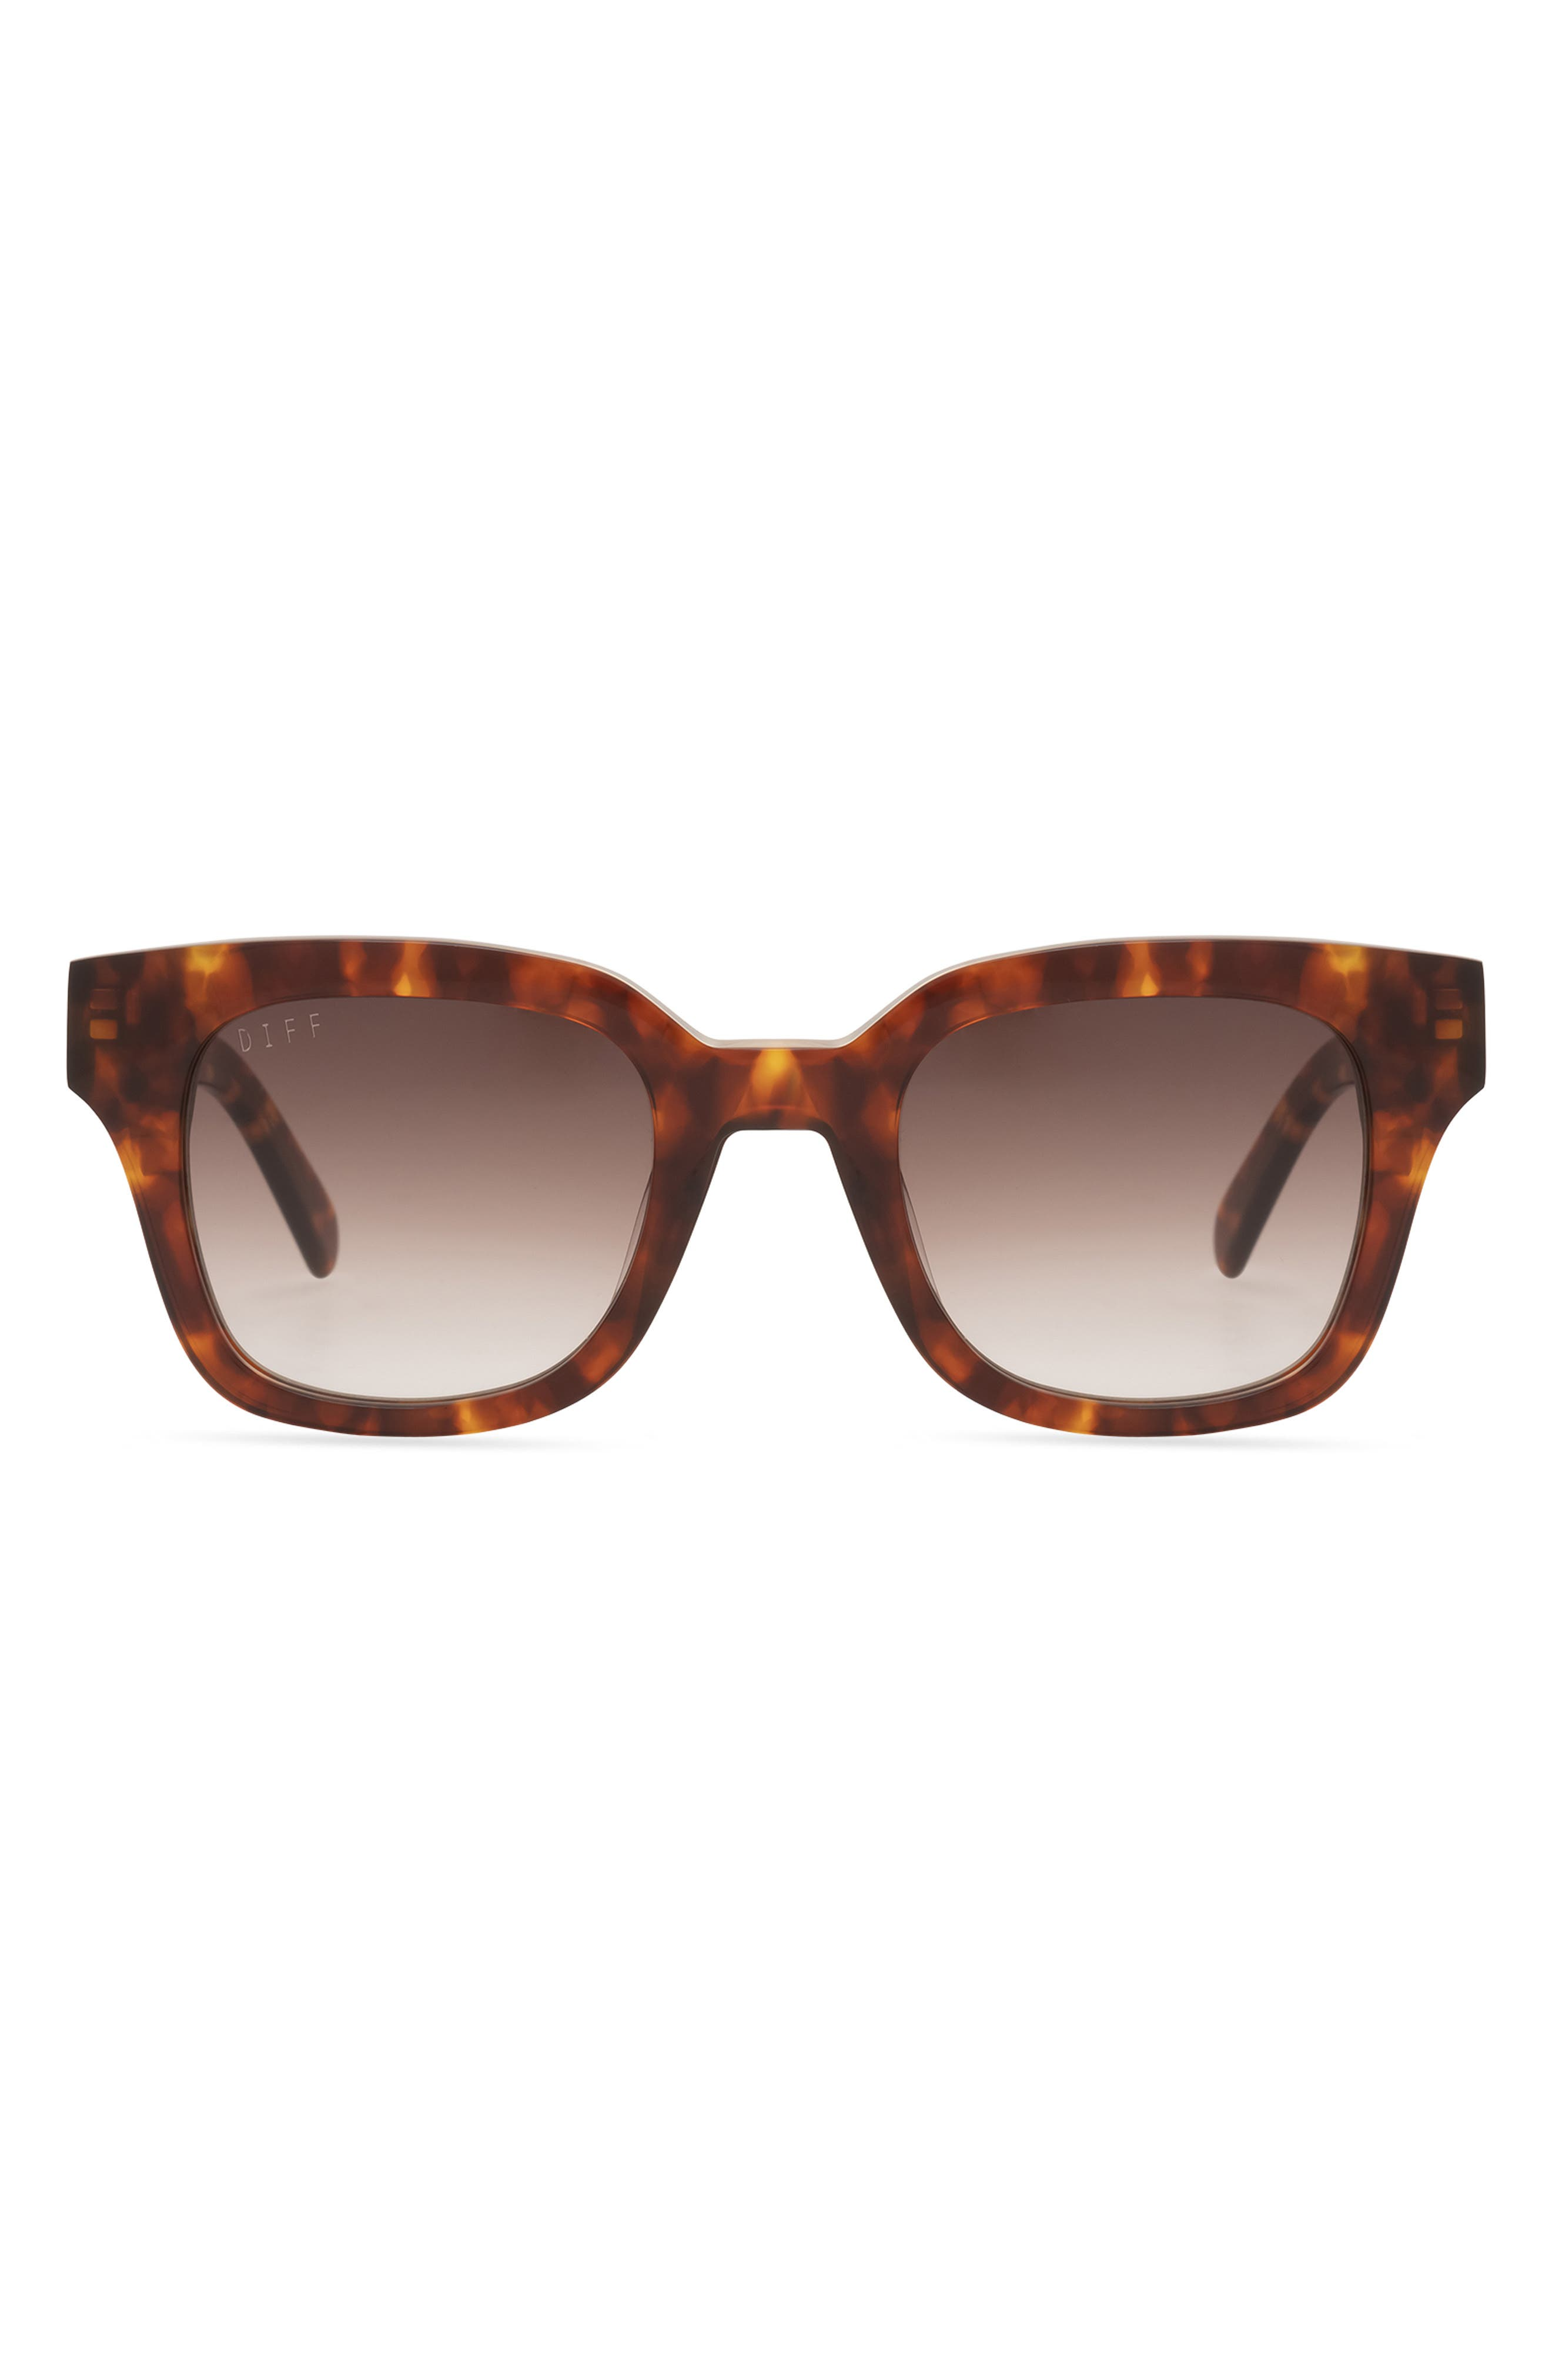 Jean 54mm Square Polarized Sunglasses